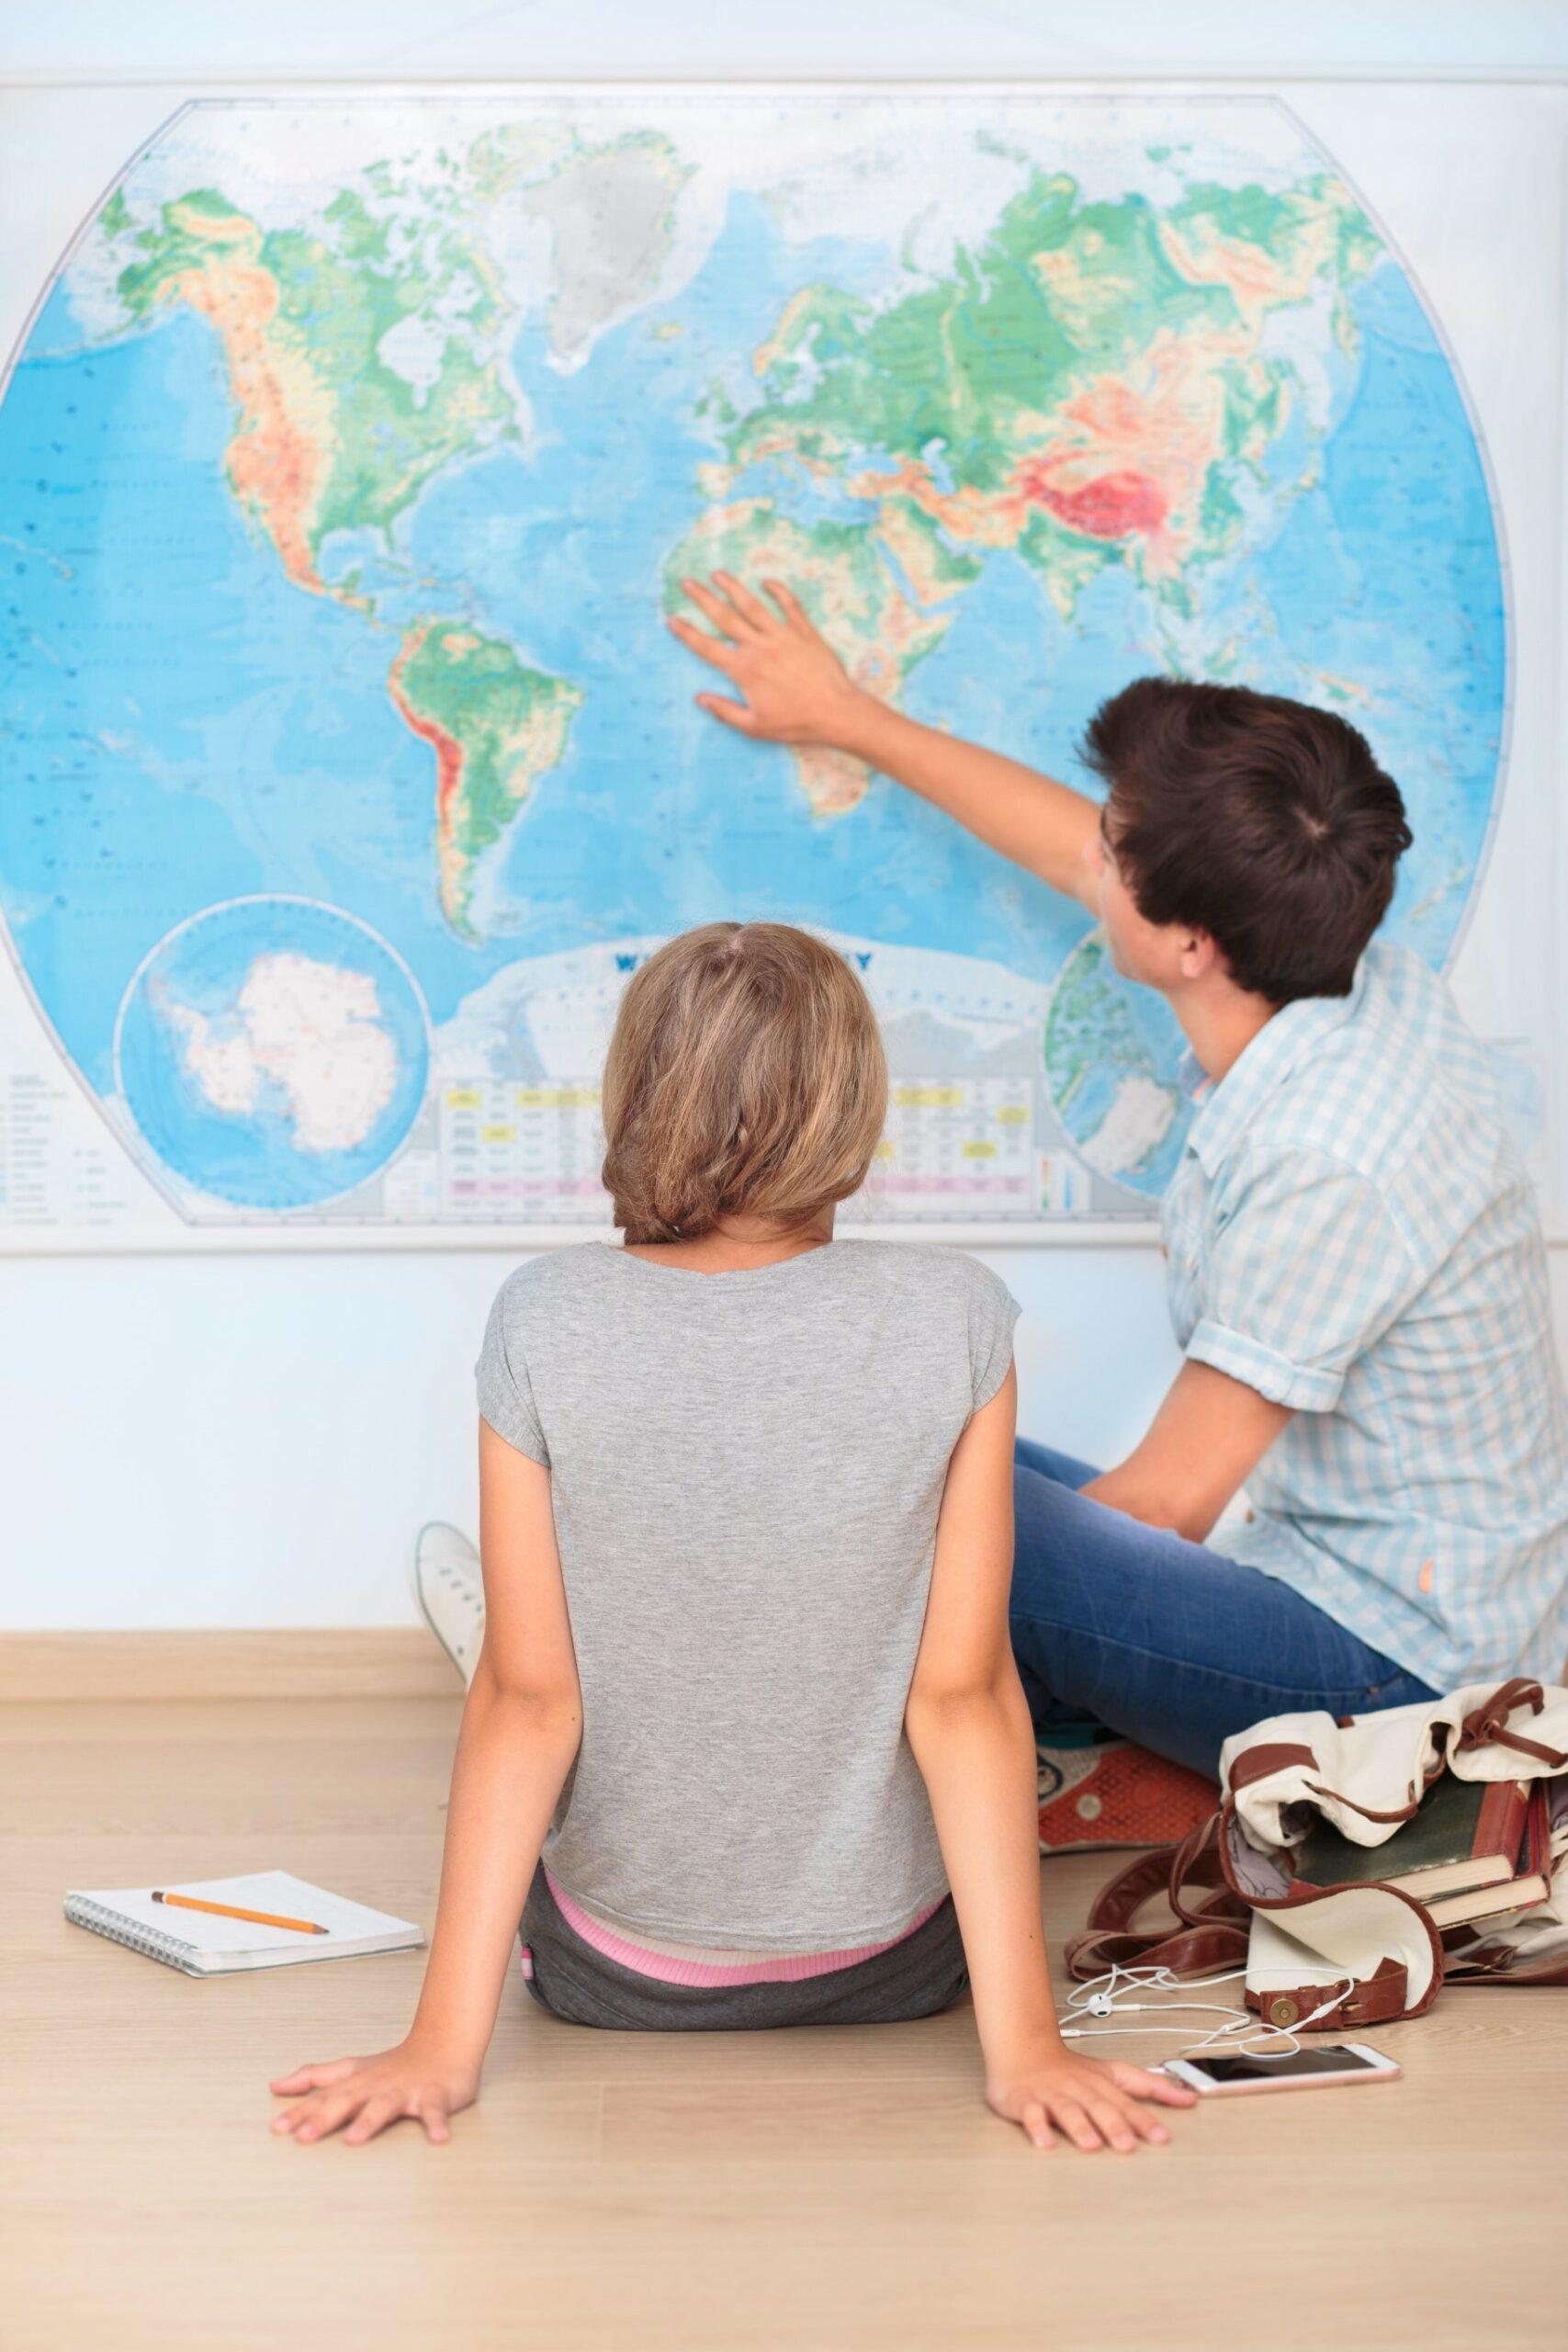 élèves travaillant sur une carte de géographie affichée au tableau